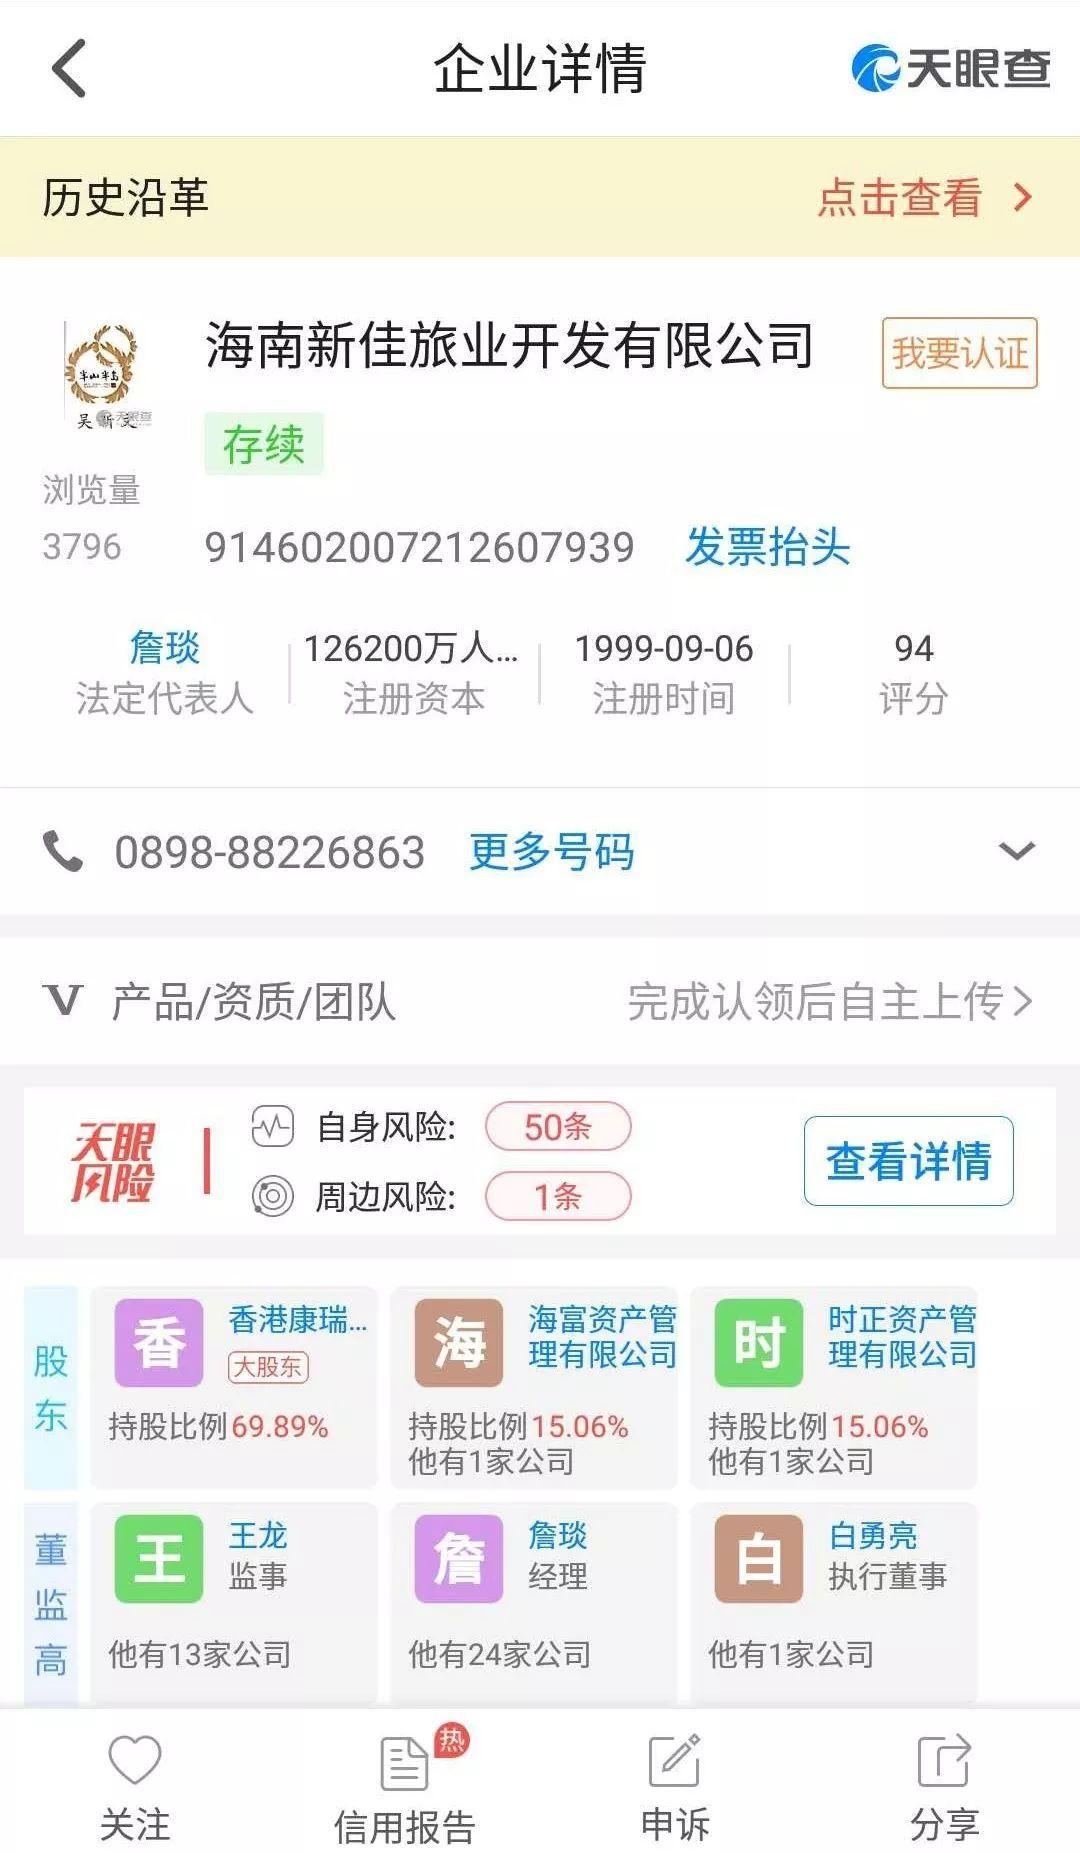 拖欠中植系5億 江西富豪王永紅成老賴:曾偷劃60億下落不明